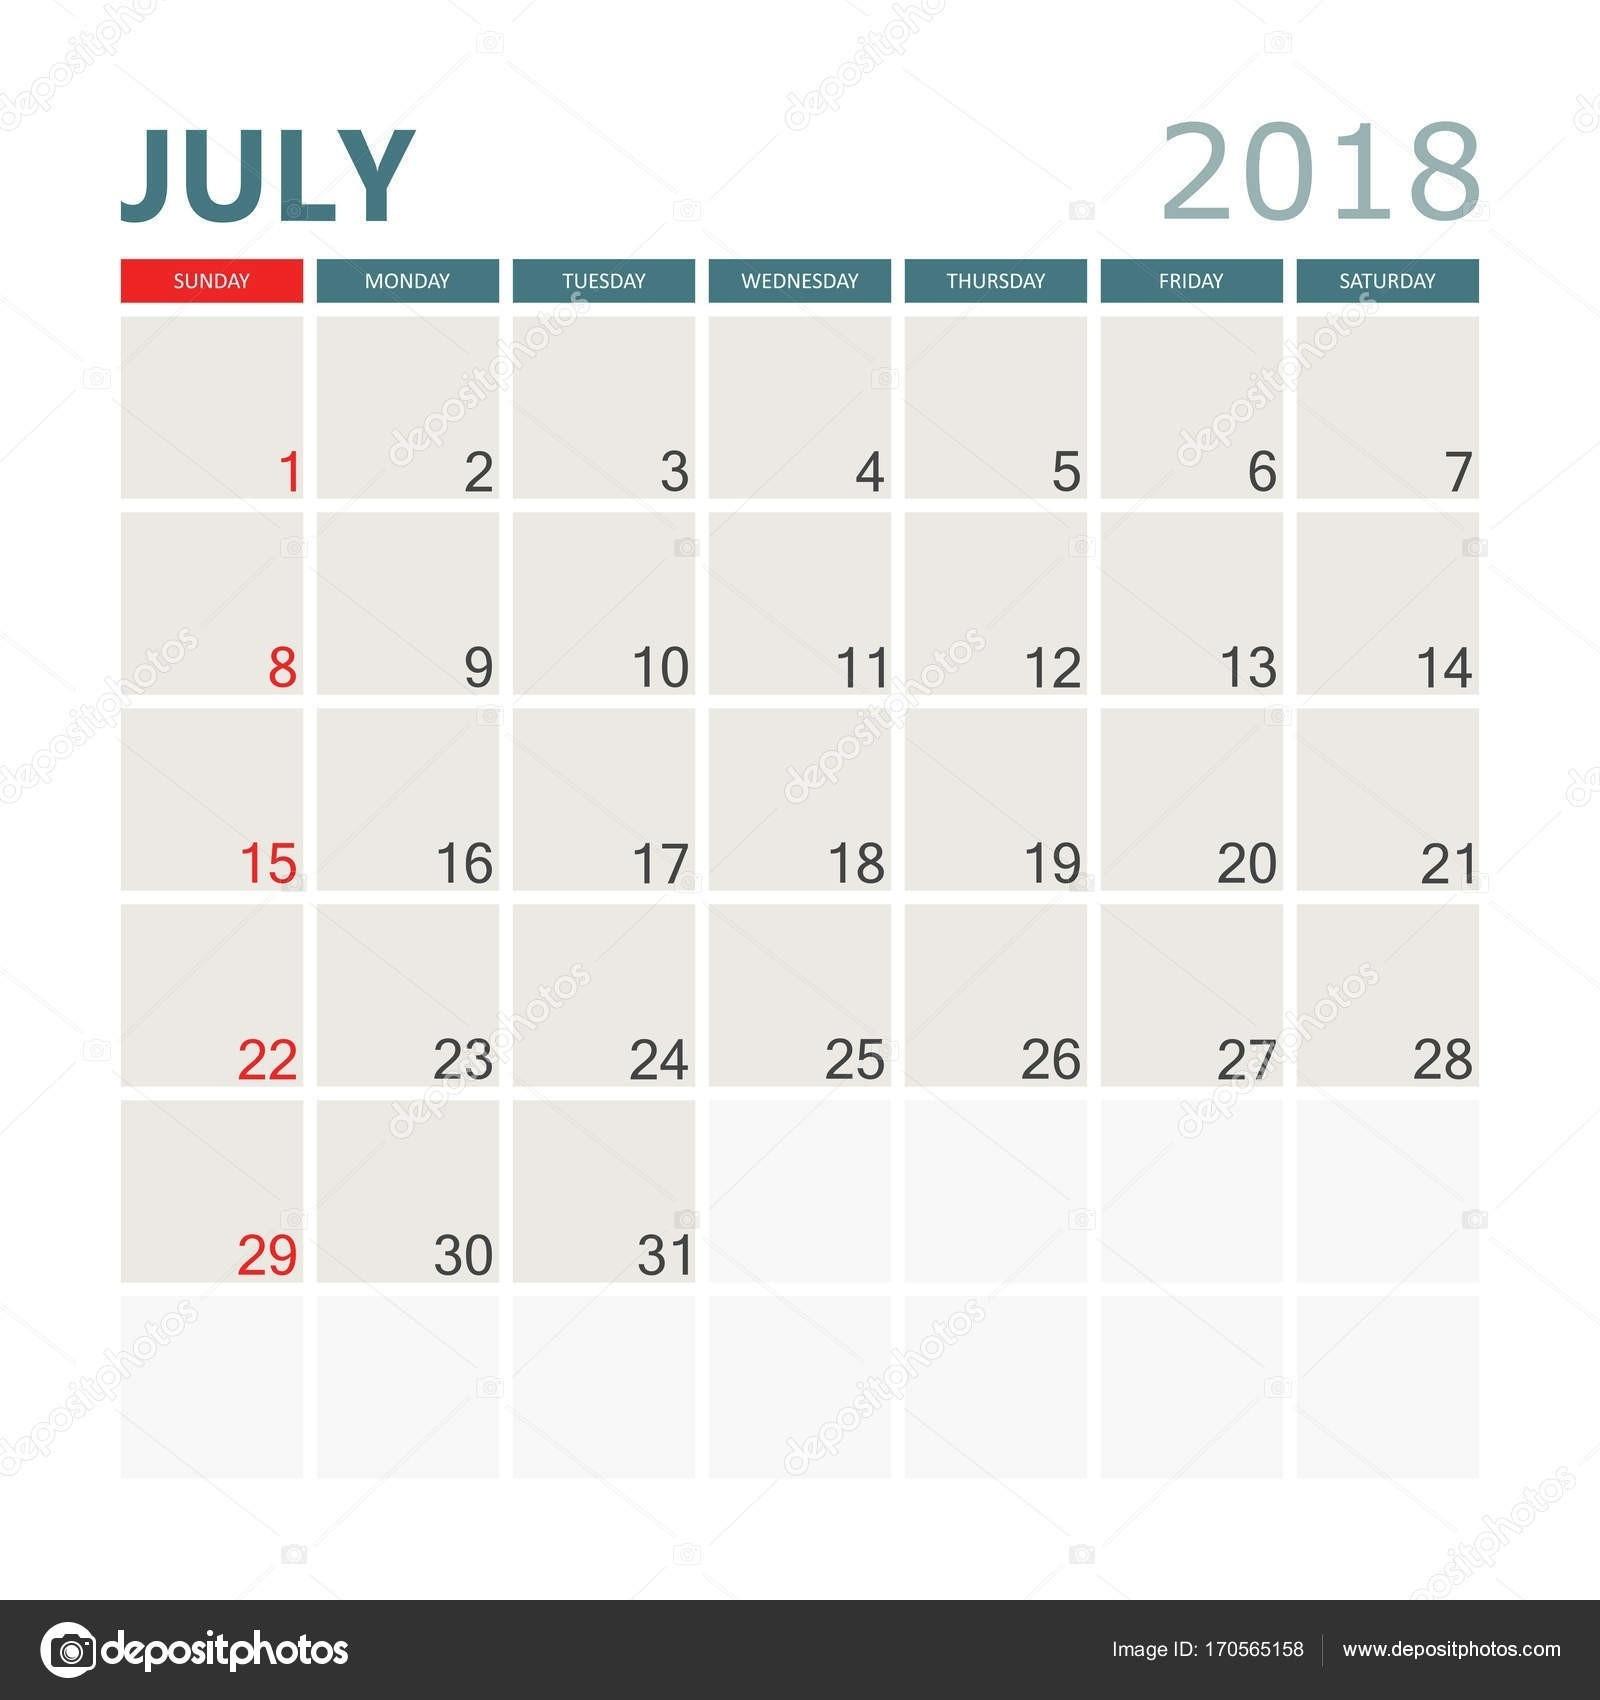 Depo 12 Week Calendar   Printable Calendar Template 2021  Depo Provera Calendar Printable